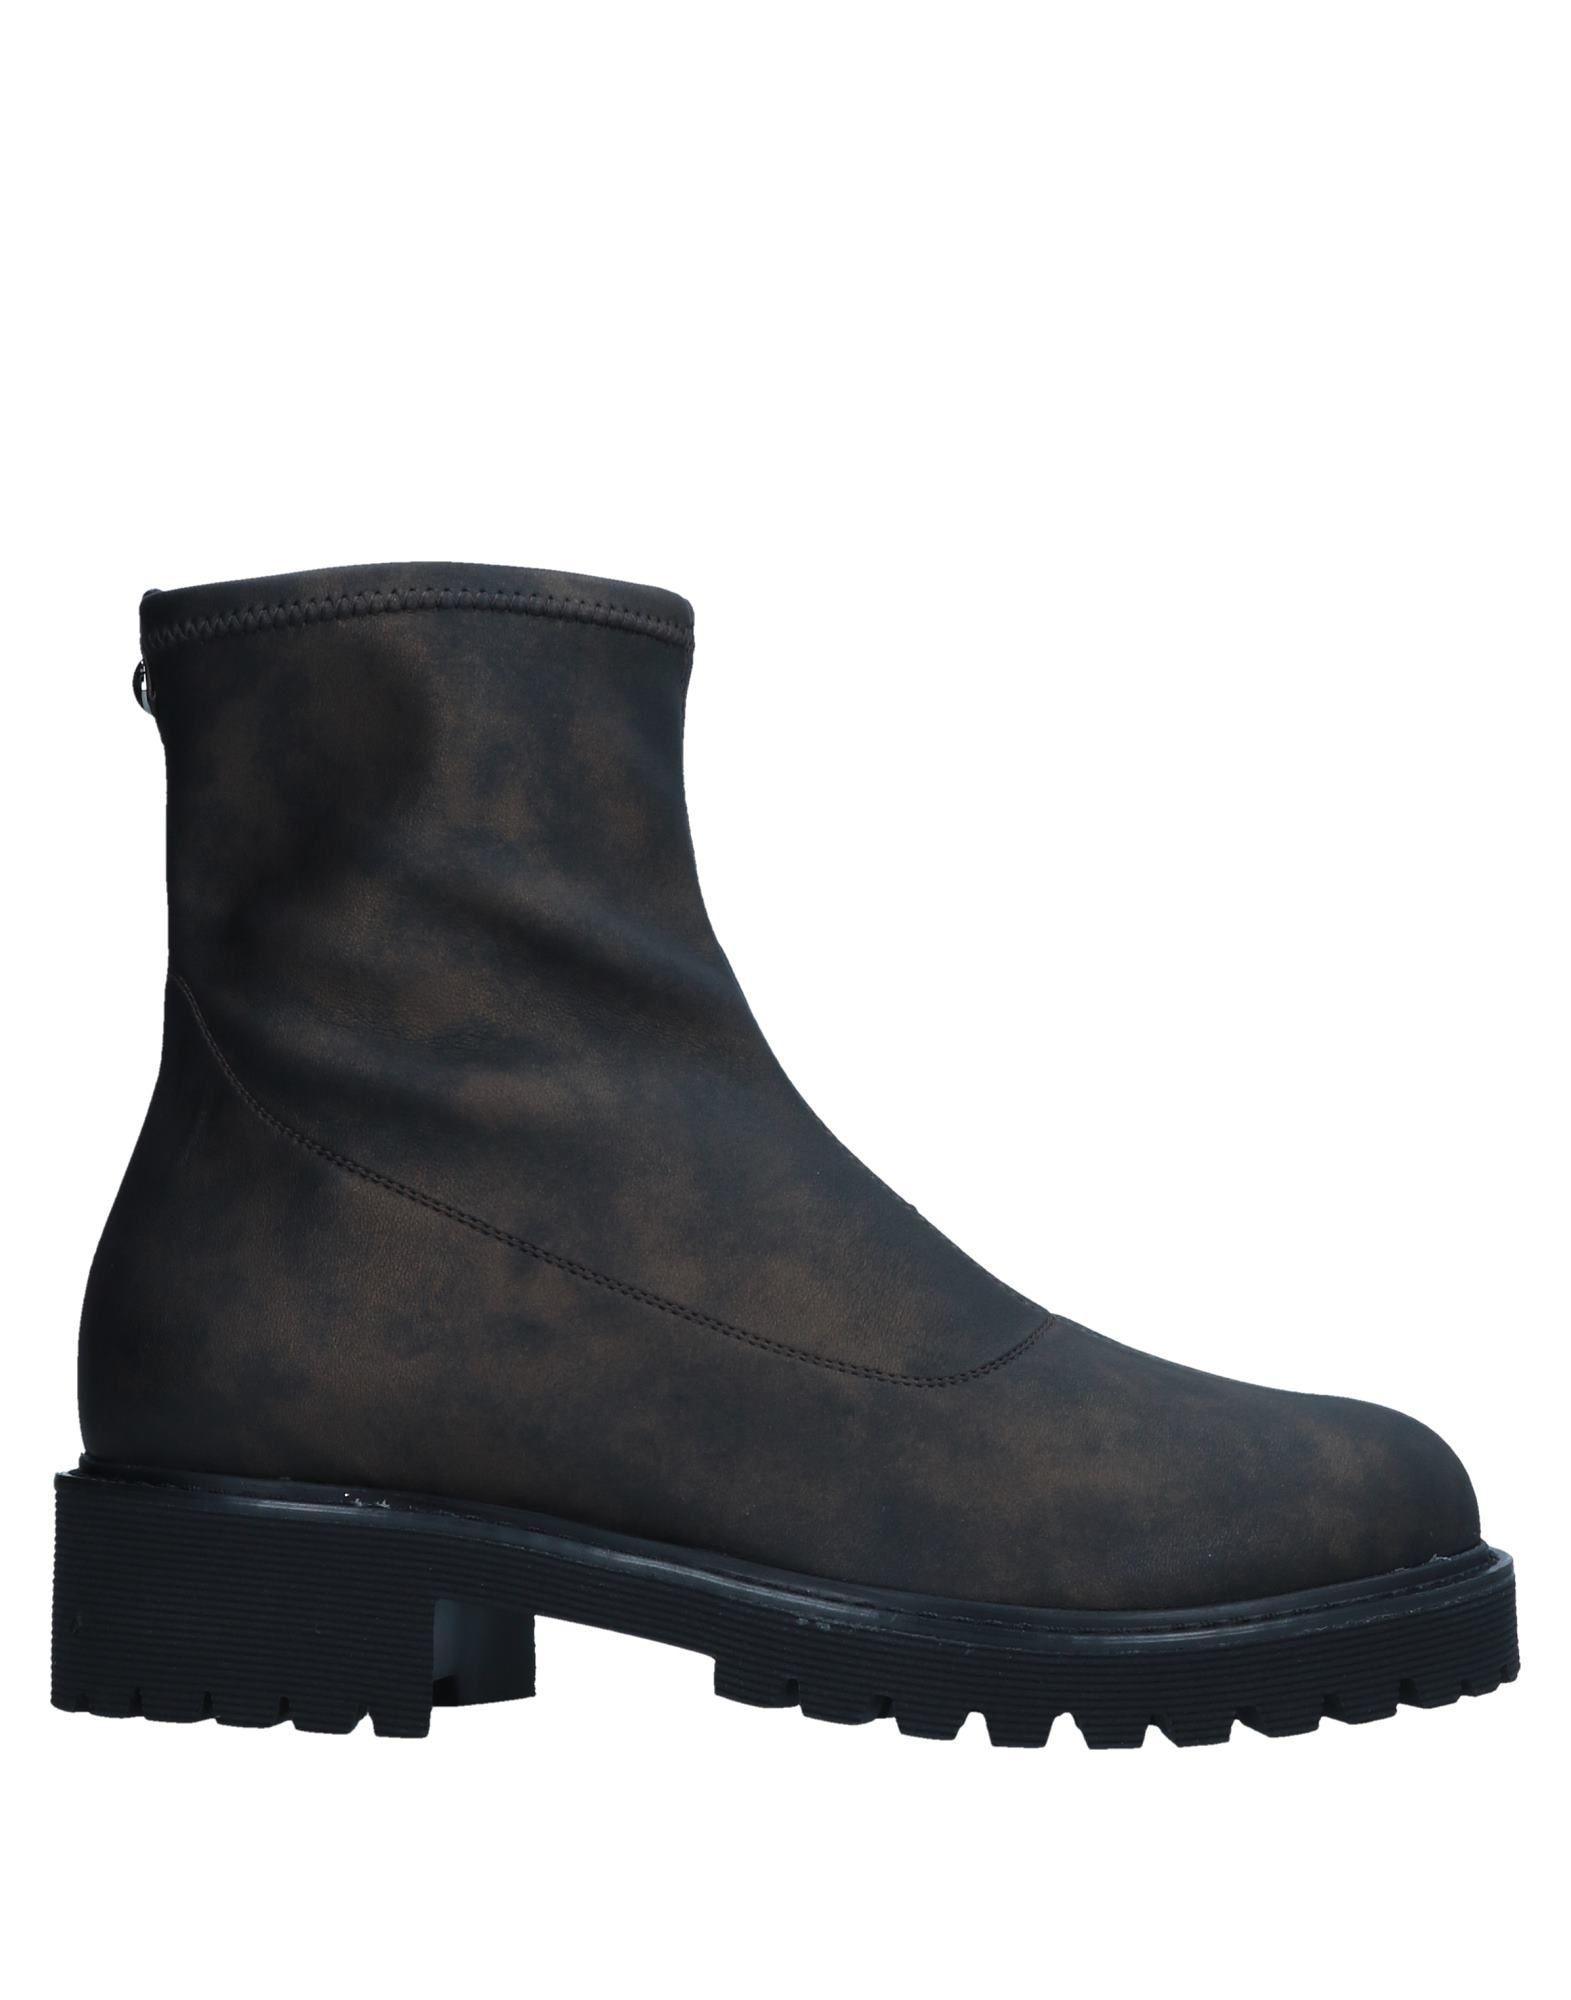 Giuseppe Zanotti Stiefelette Damen  11544693VFGünstige gut aussehende Schuhe